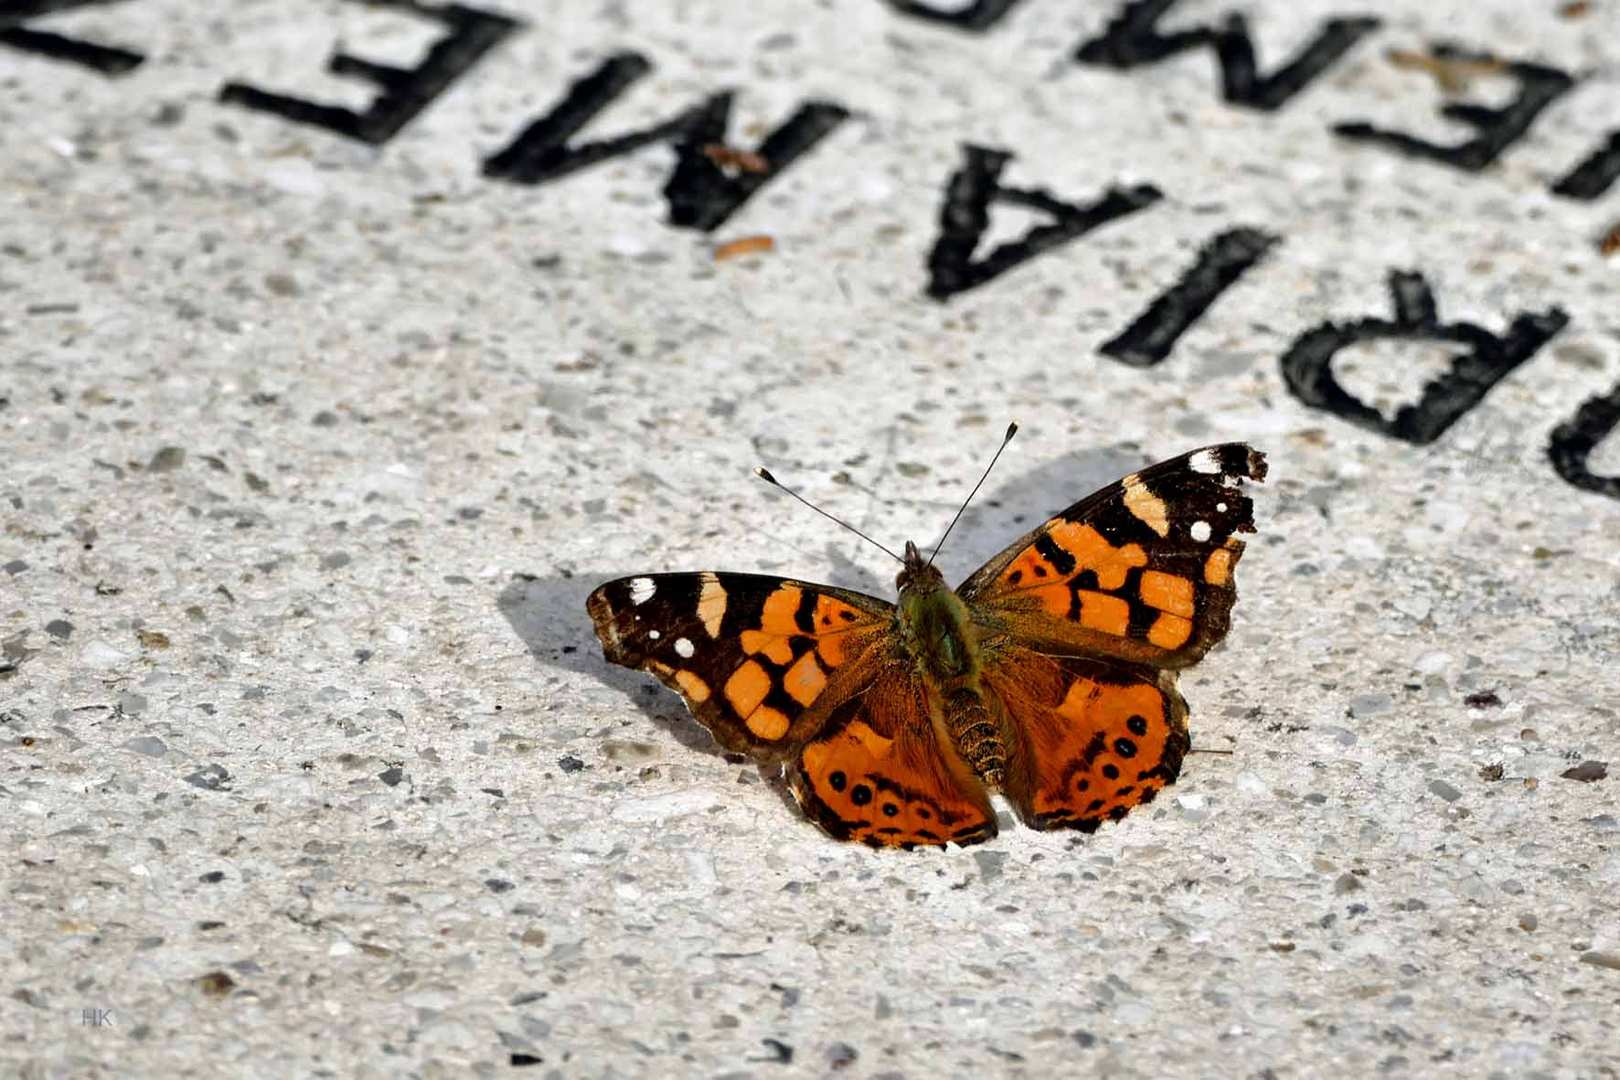 Cementerio general Santiago de Chile (Vanessa carye)